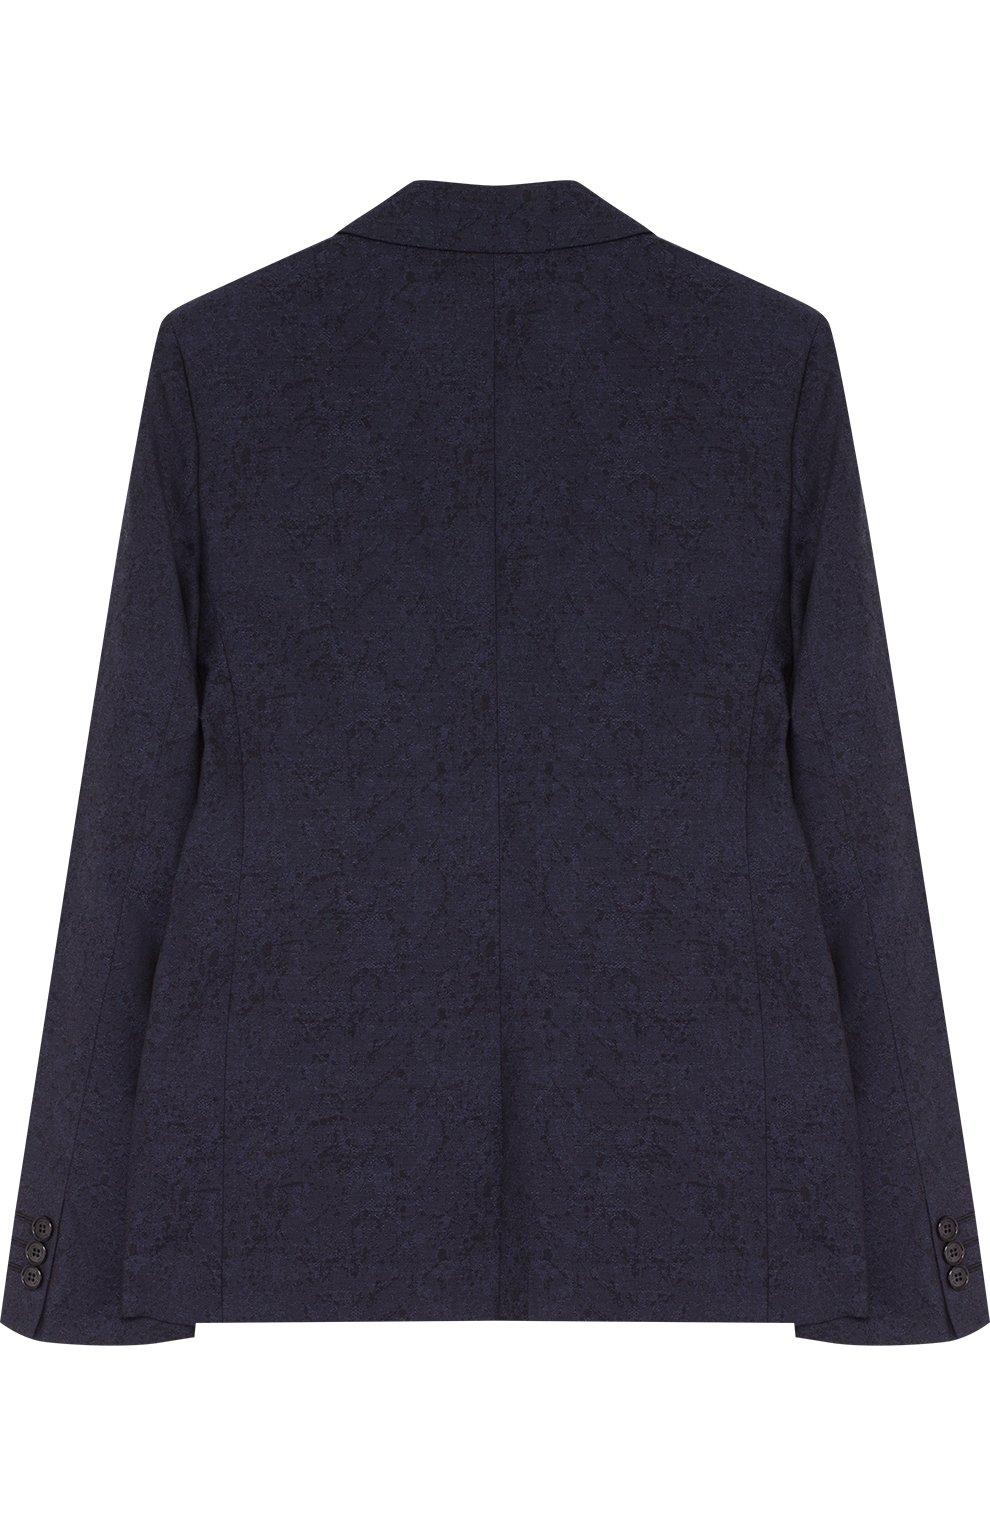 Однобортный пиджак из хлопка и шерсти   Фото №2